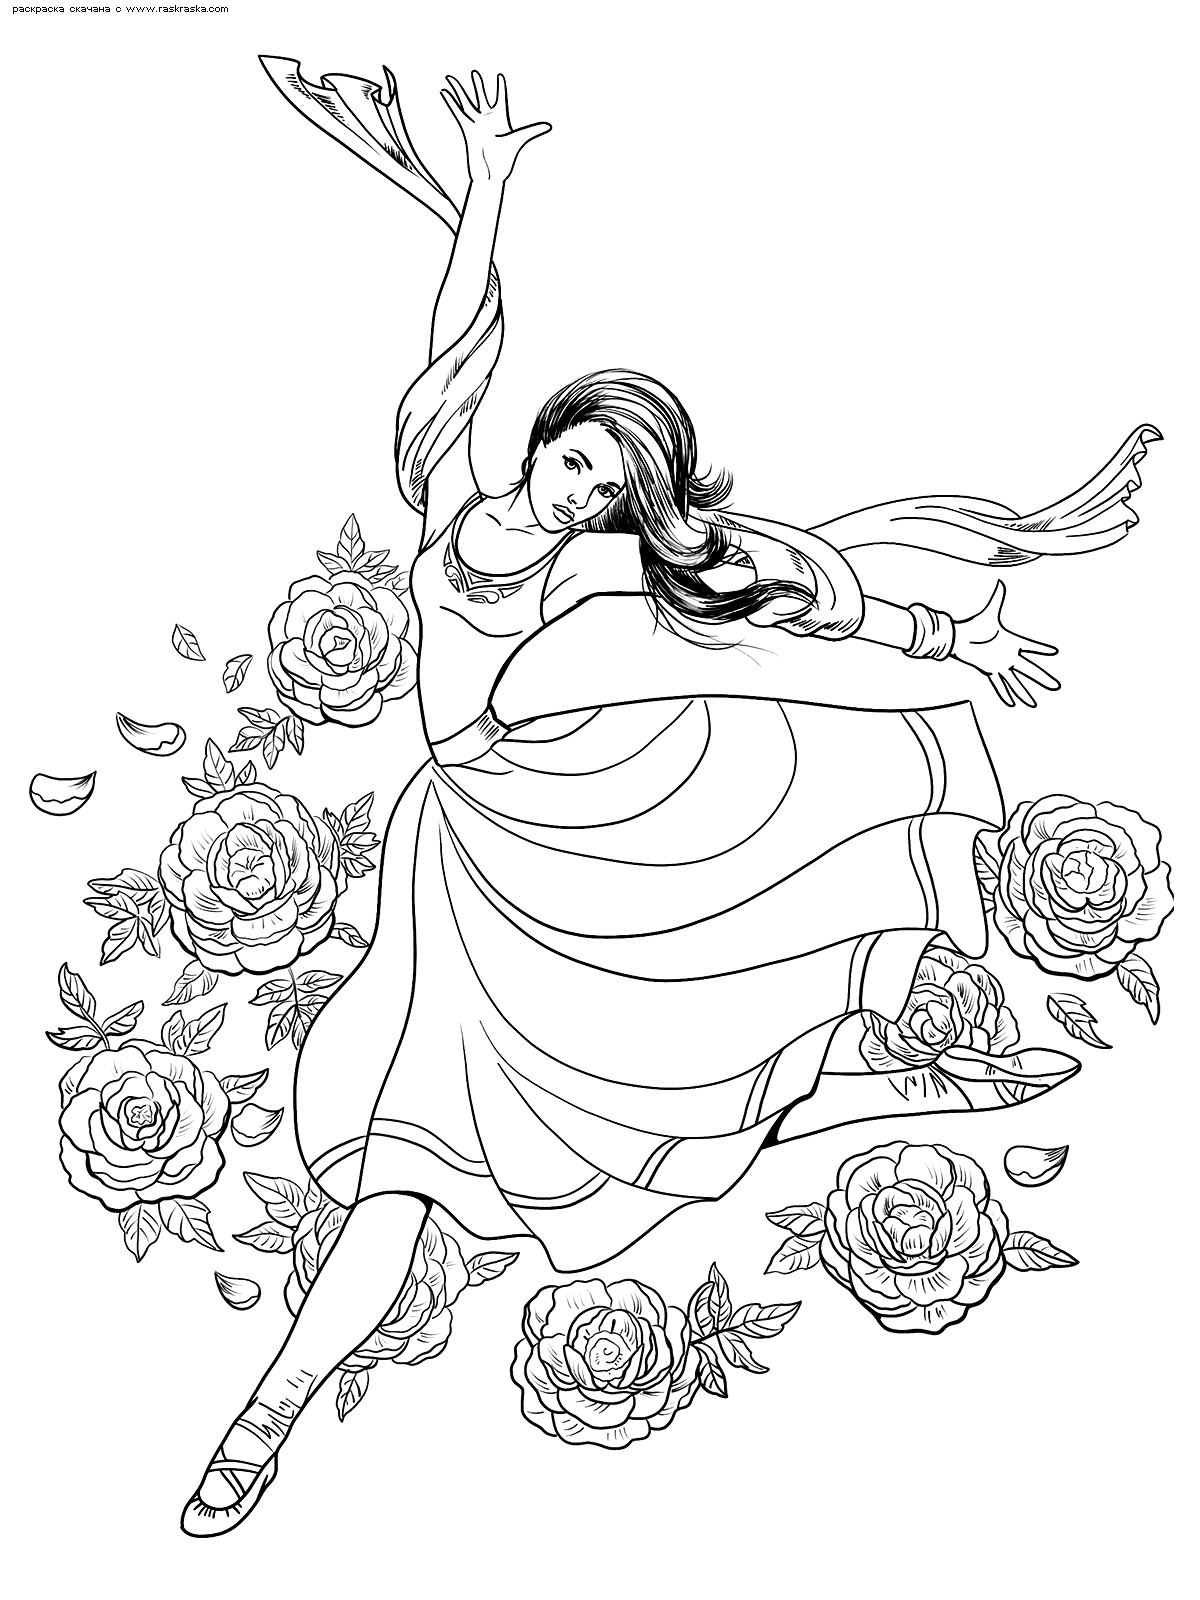 Раскраска Балерина в прыжке. Раскраска антистресс